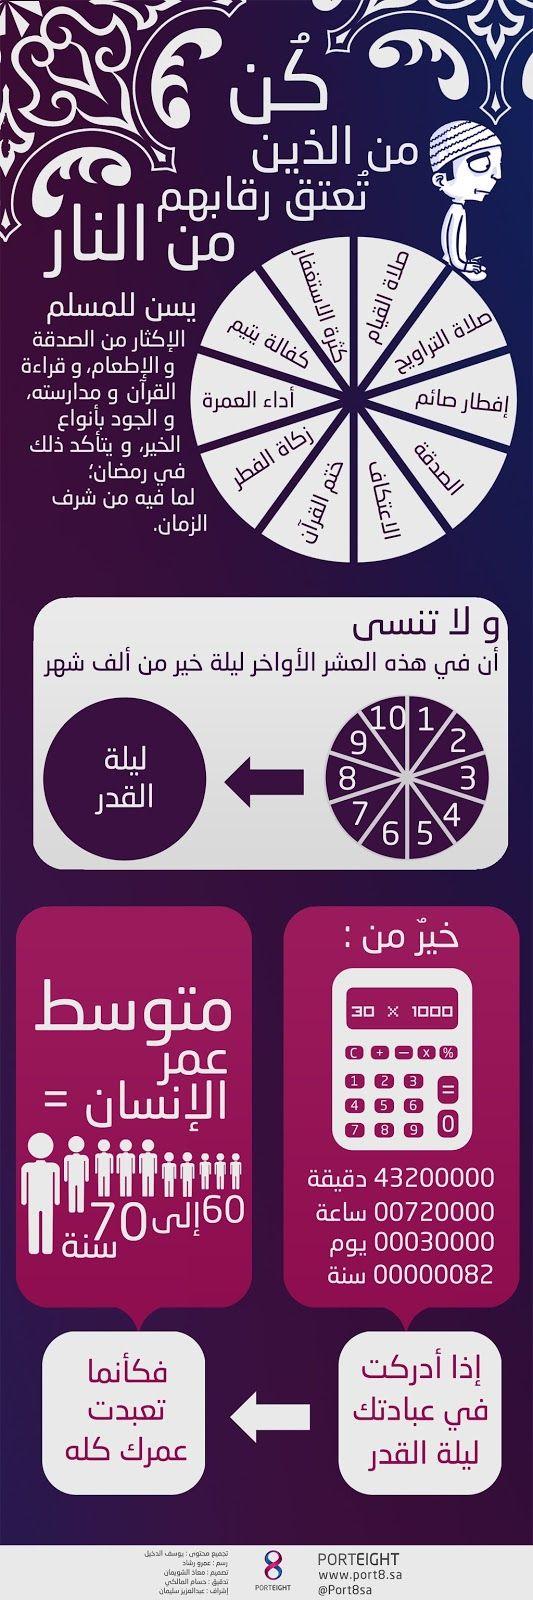 مدونة محلة دمنة العشر الأواخر من رمضان Islamic Phrases Islamic Information Ramadan